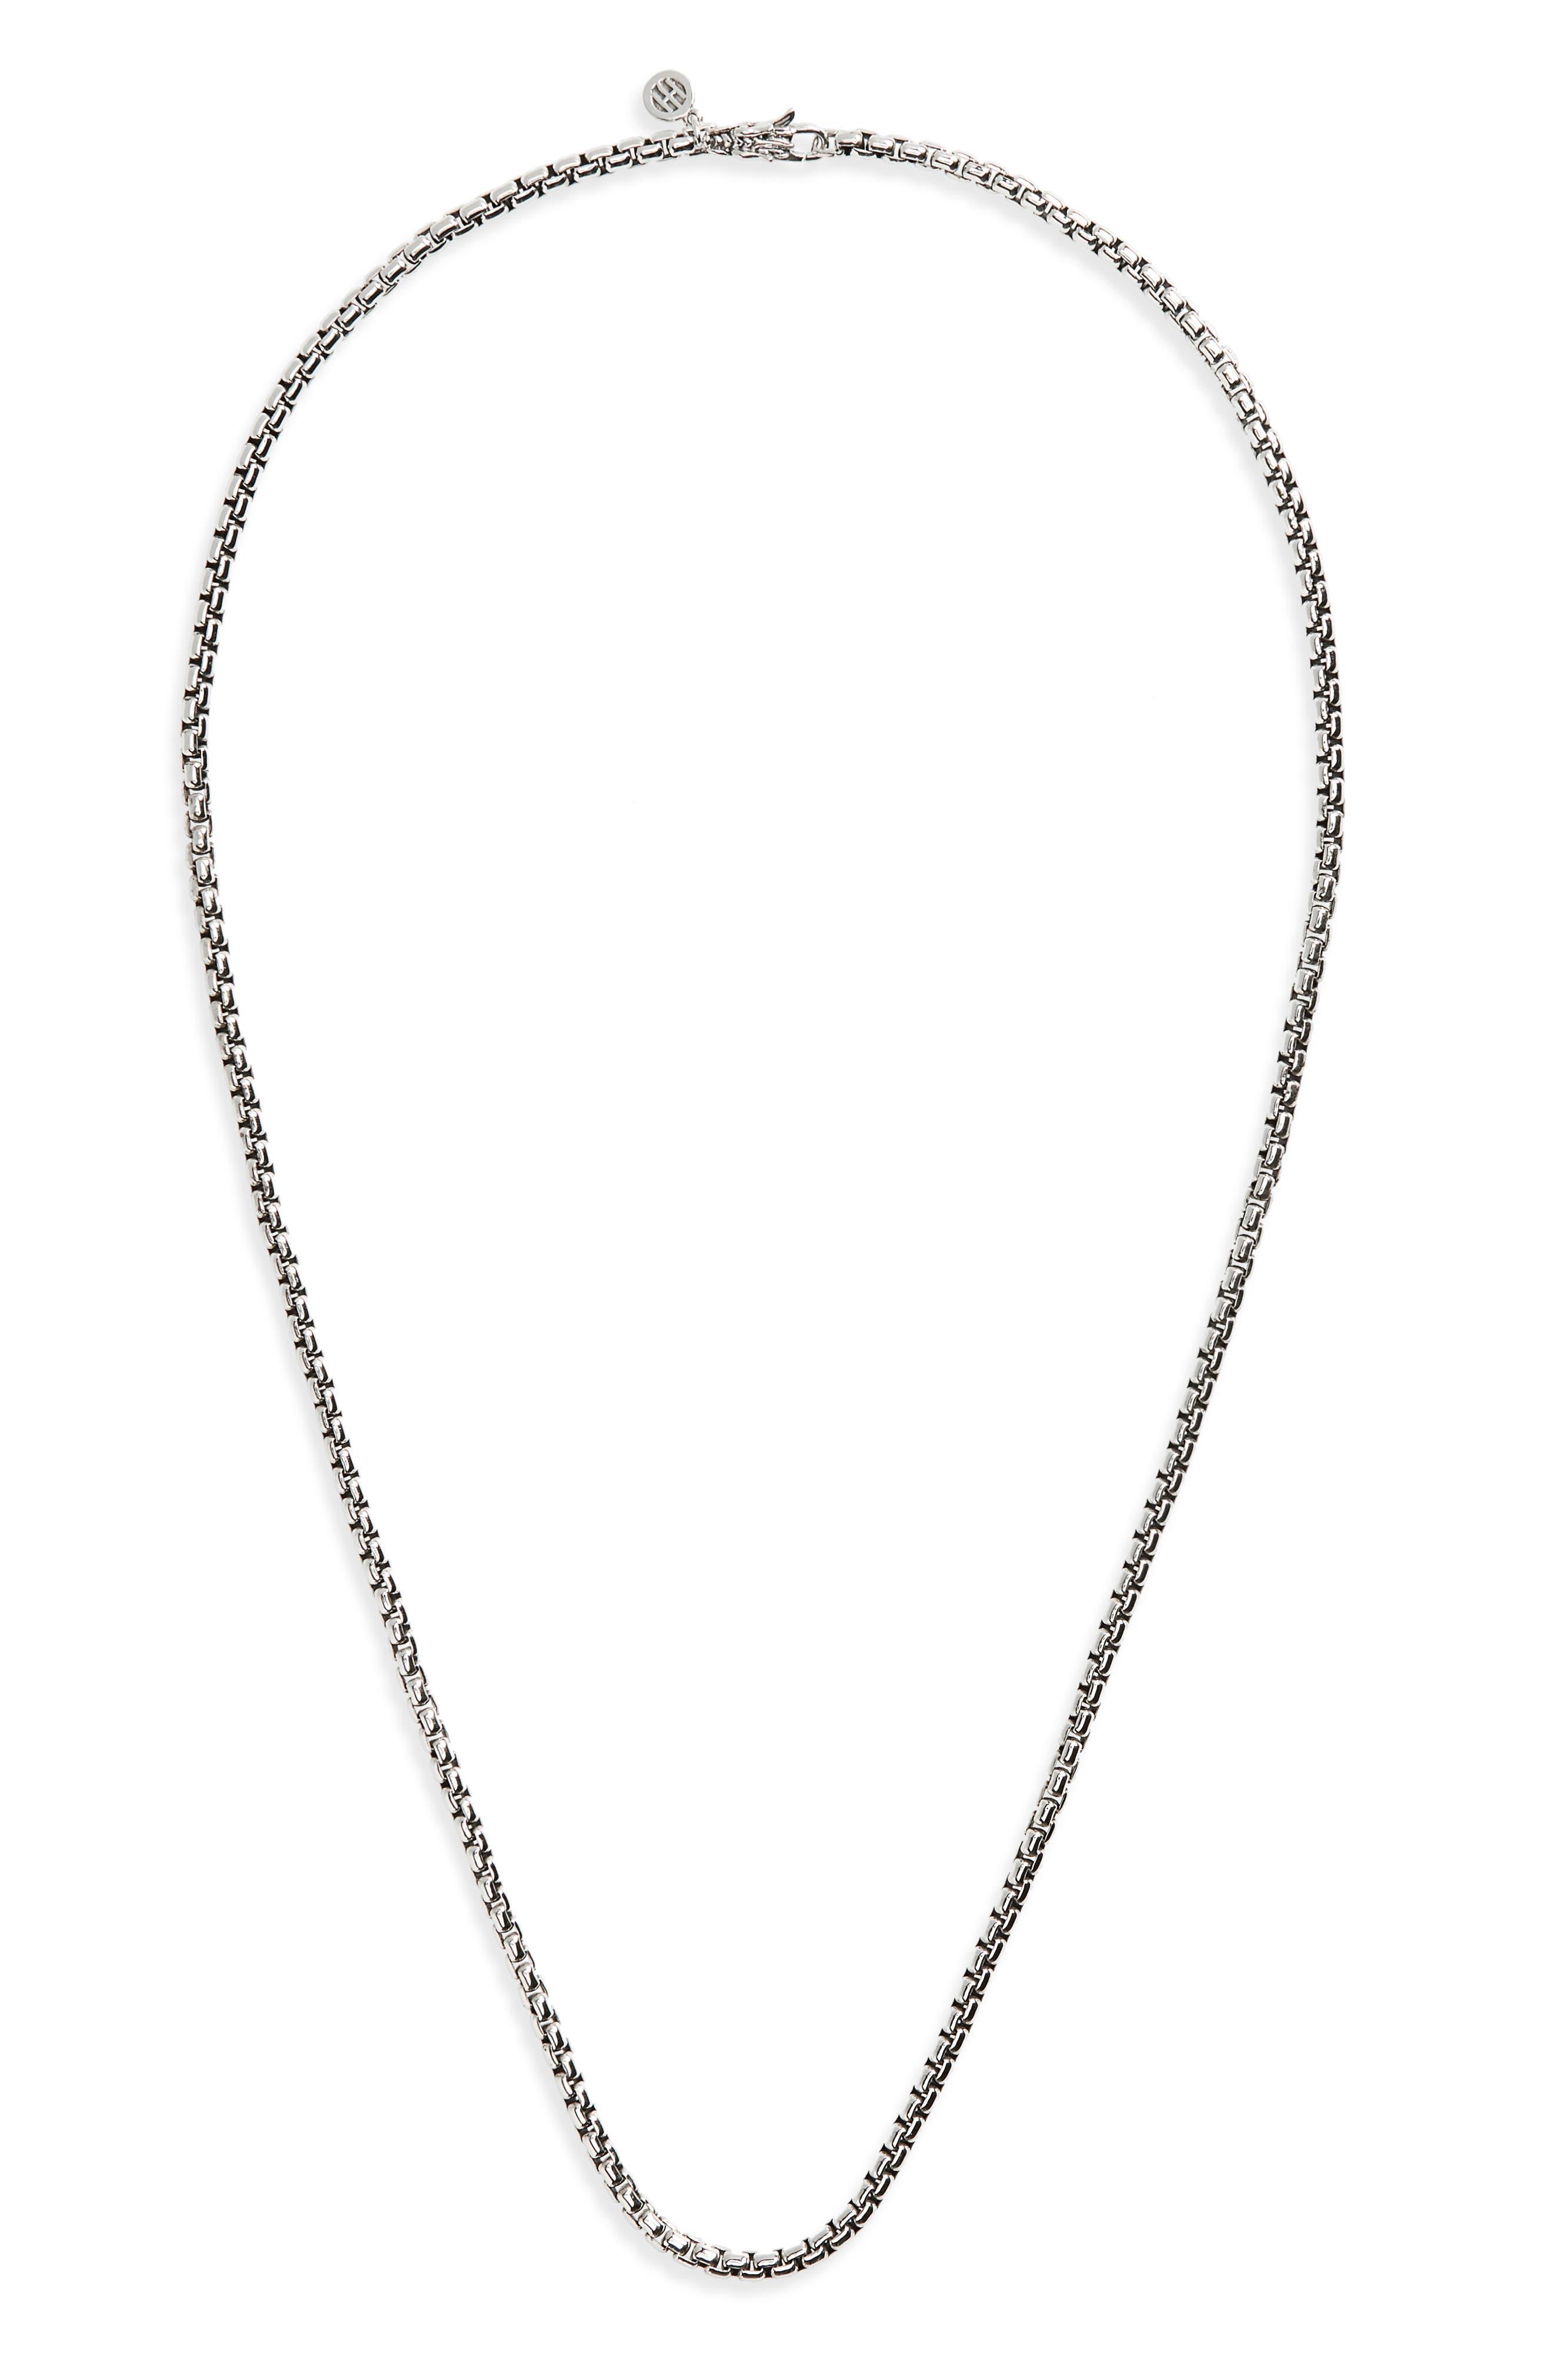 Naga Box Chain Necklace,                             Main thumbnail 1, color,                             040